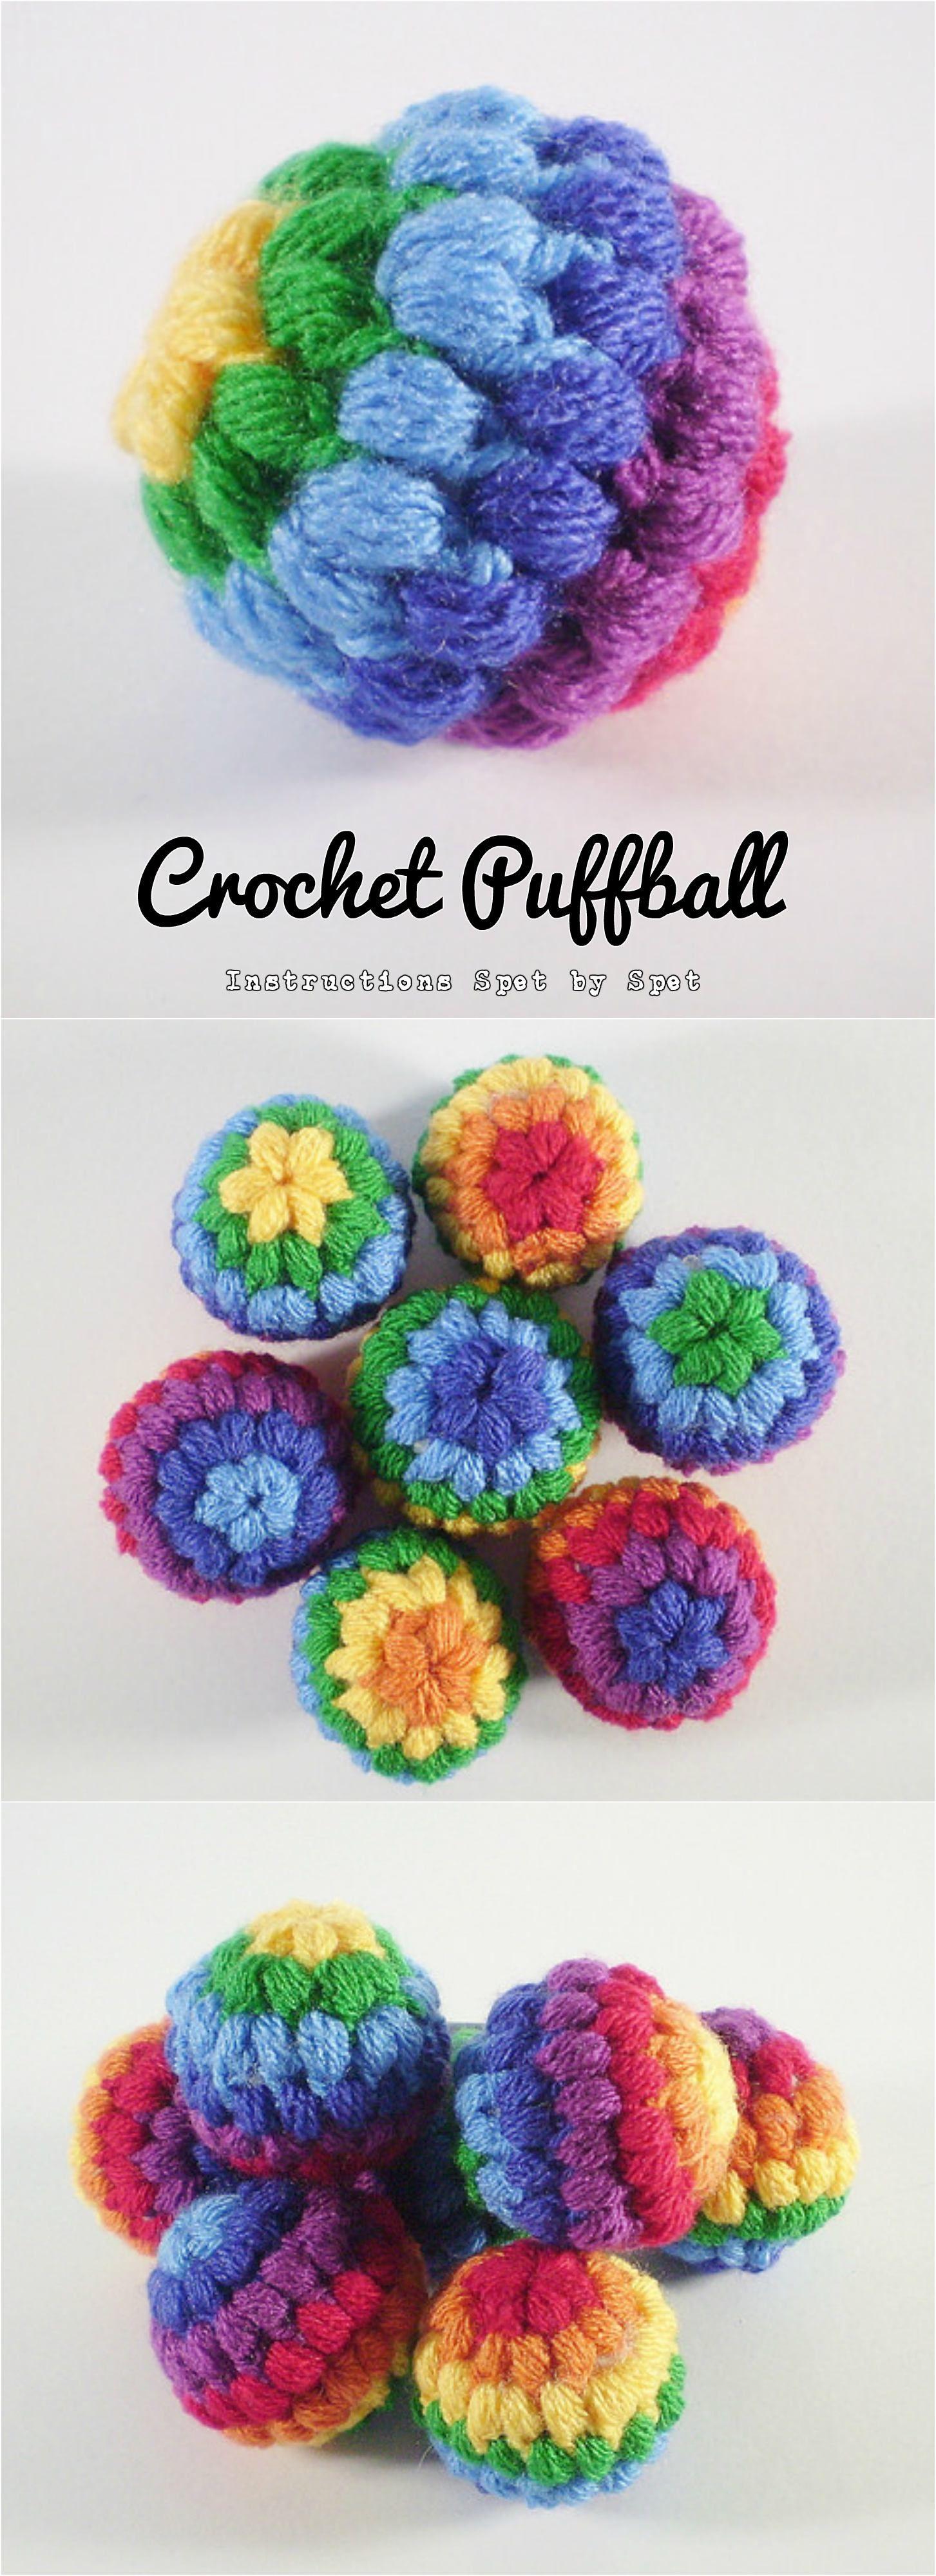 Crochet Puffball | Häkeln, Stricken und Stricken häkeln